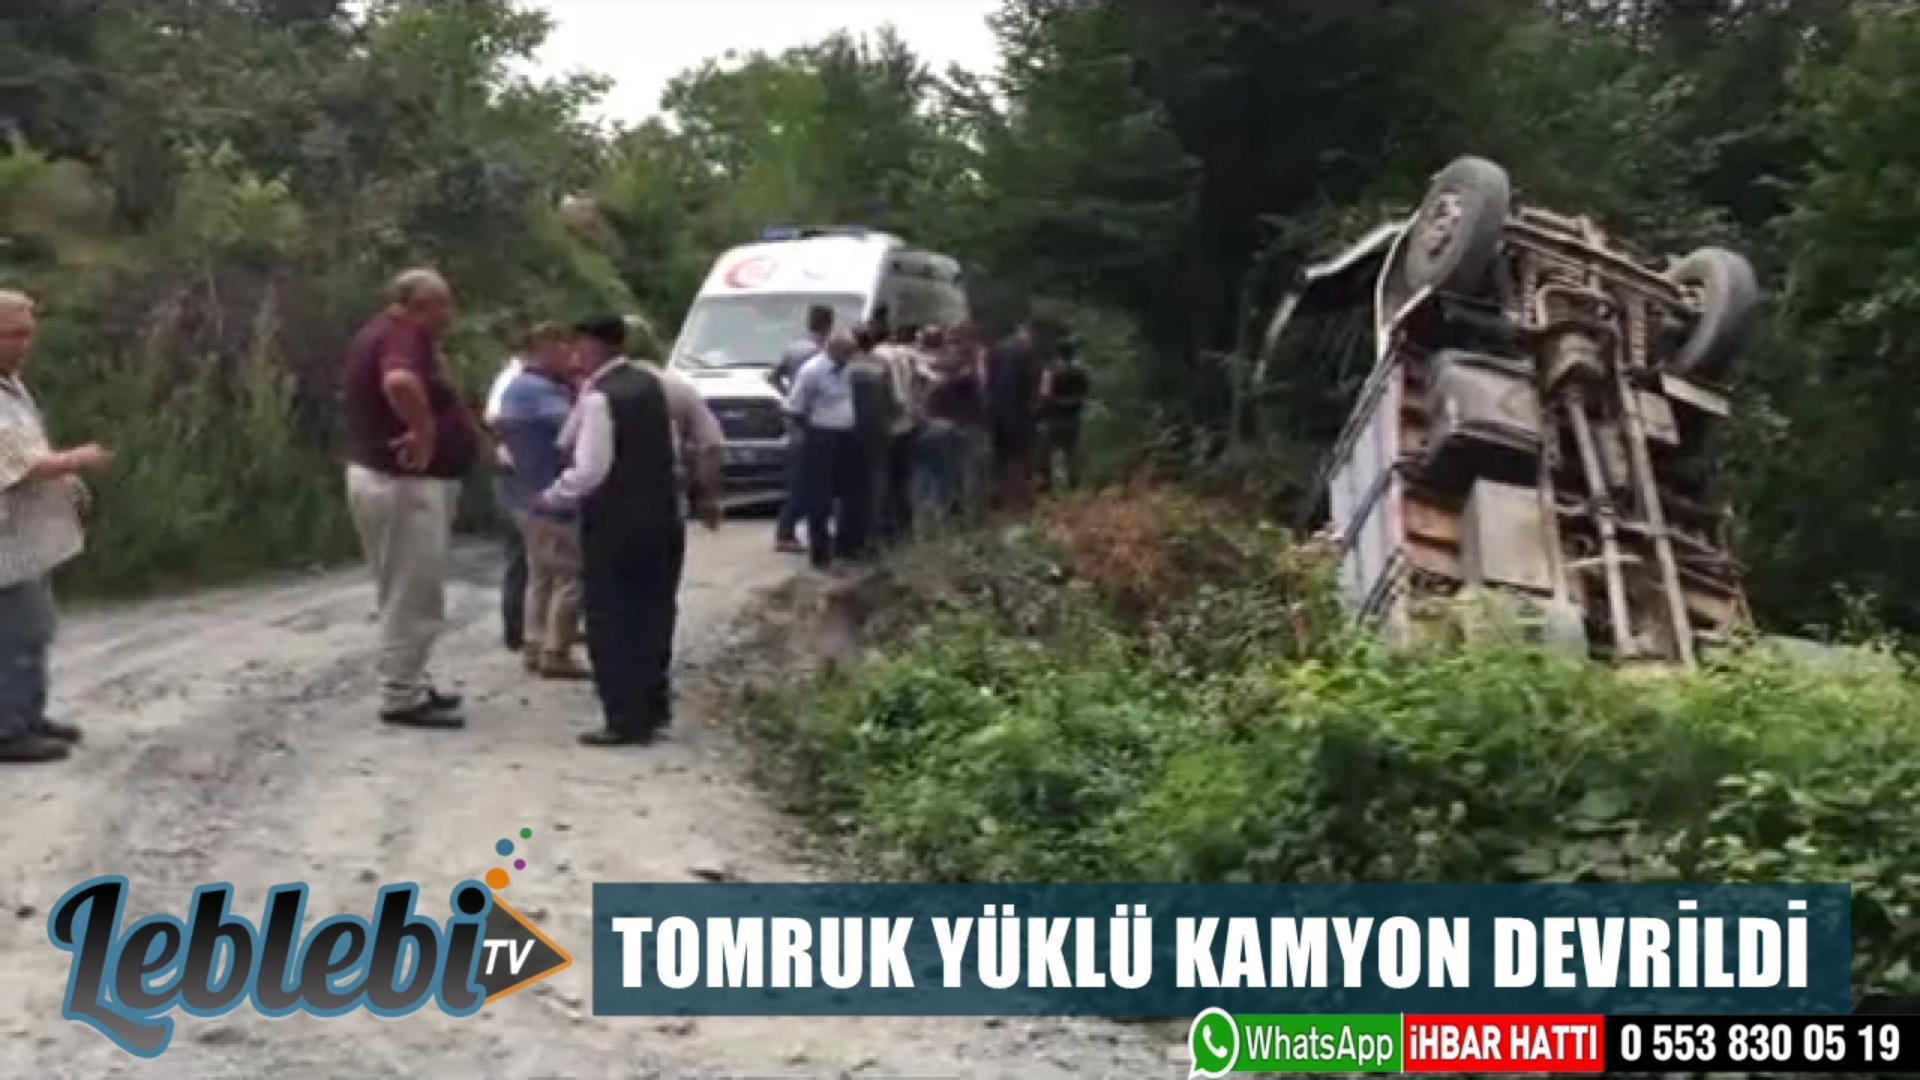 TOMRUK YÜKLÜ KAMYON DEVRİLDİ